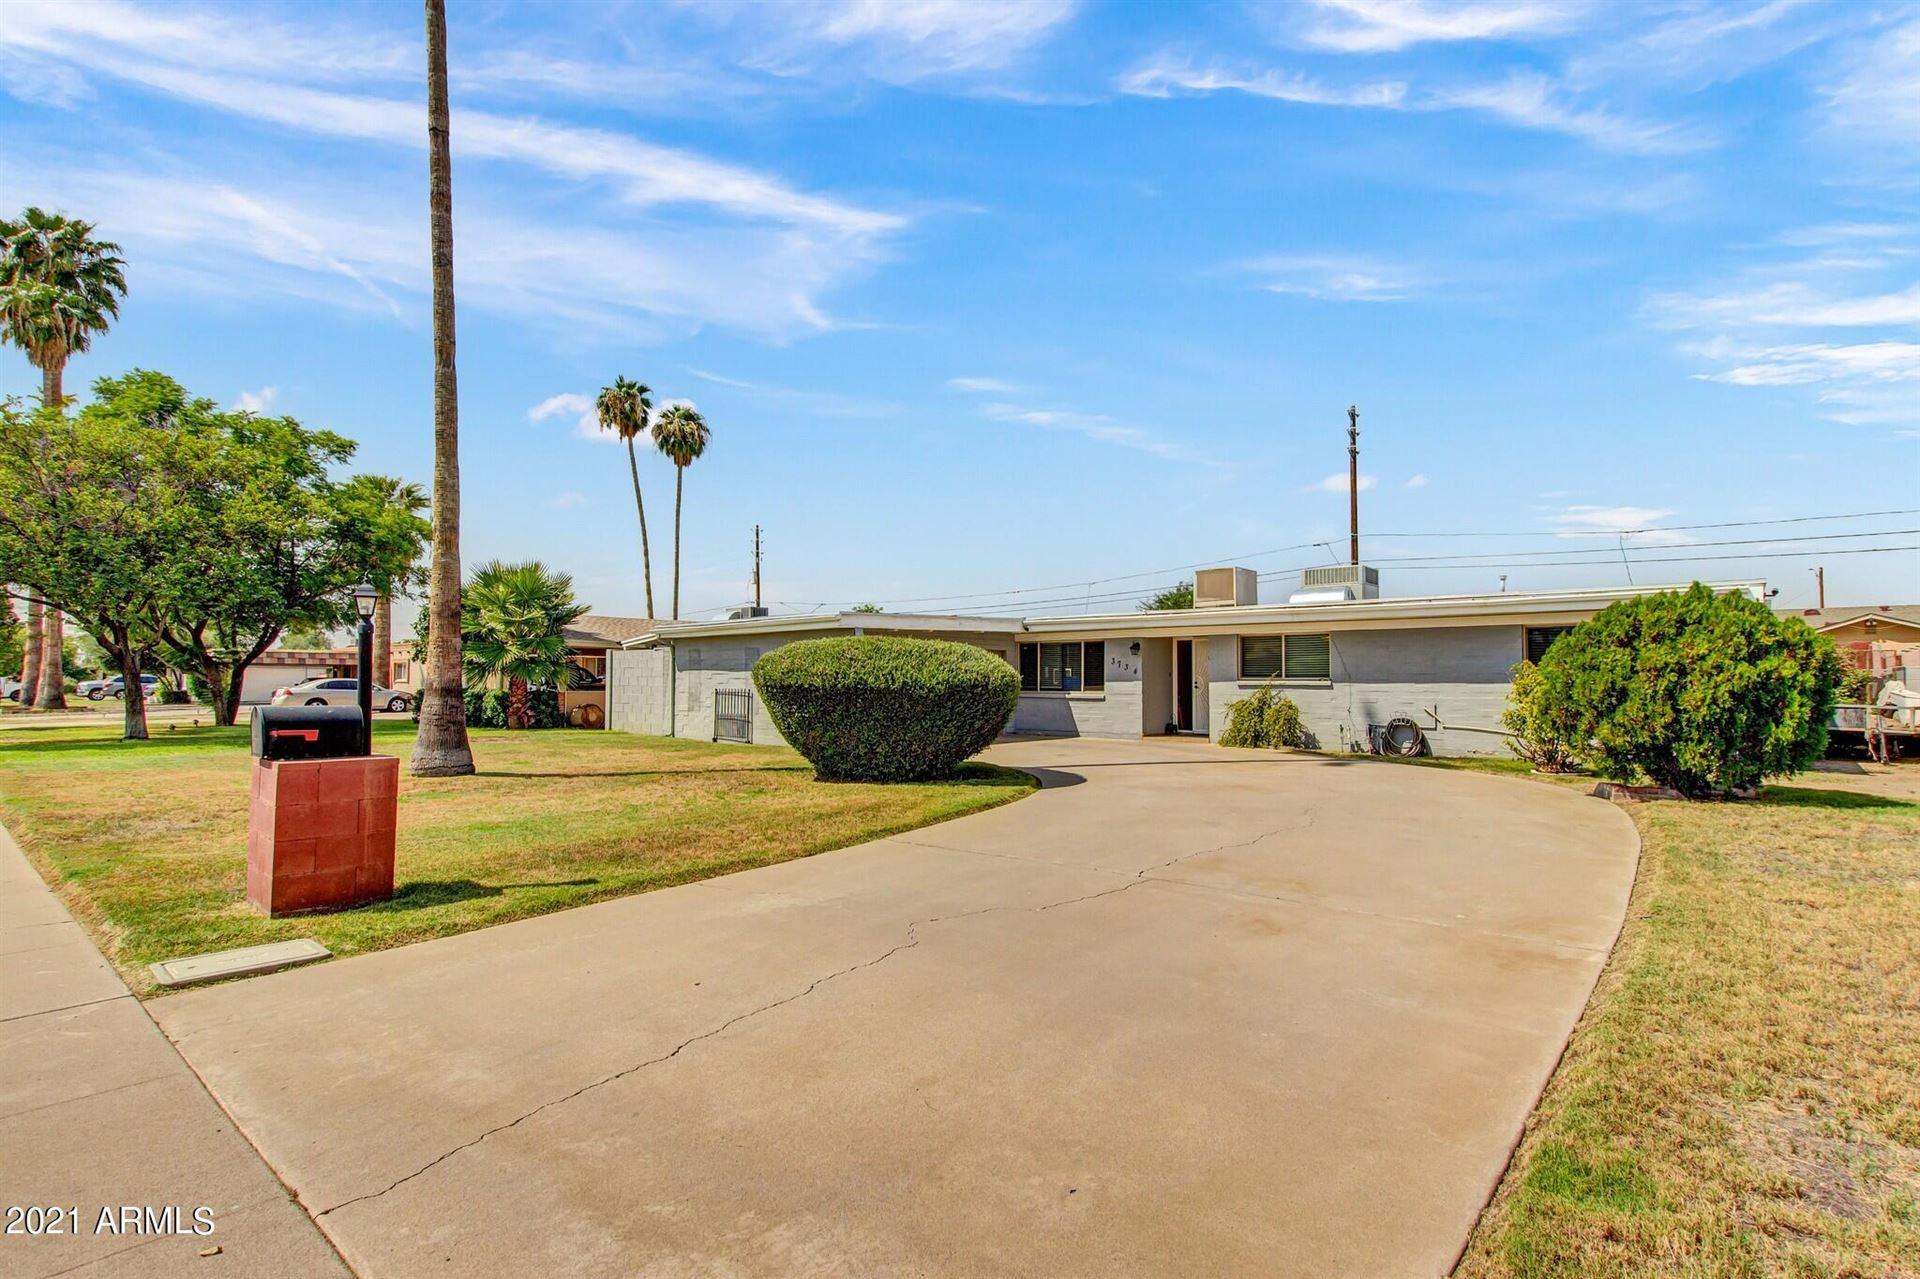 3734 W GRISWOLD Road, Phoenix, AZ 85051 - MLS#: 6294138